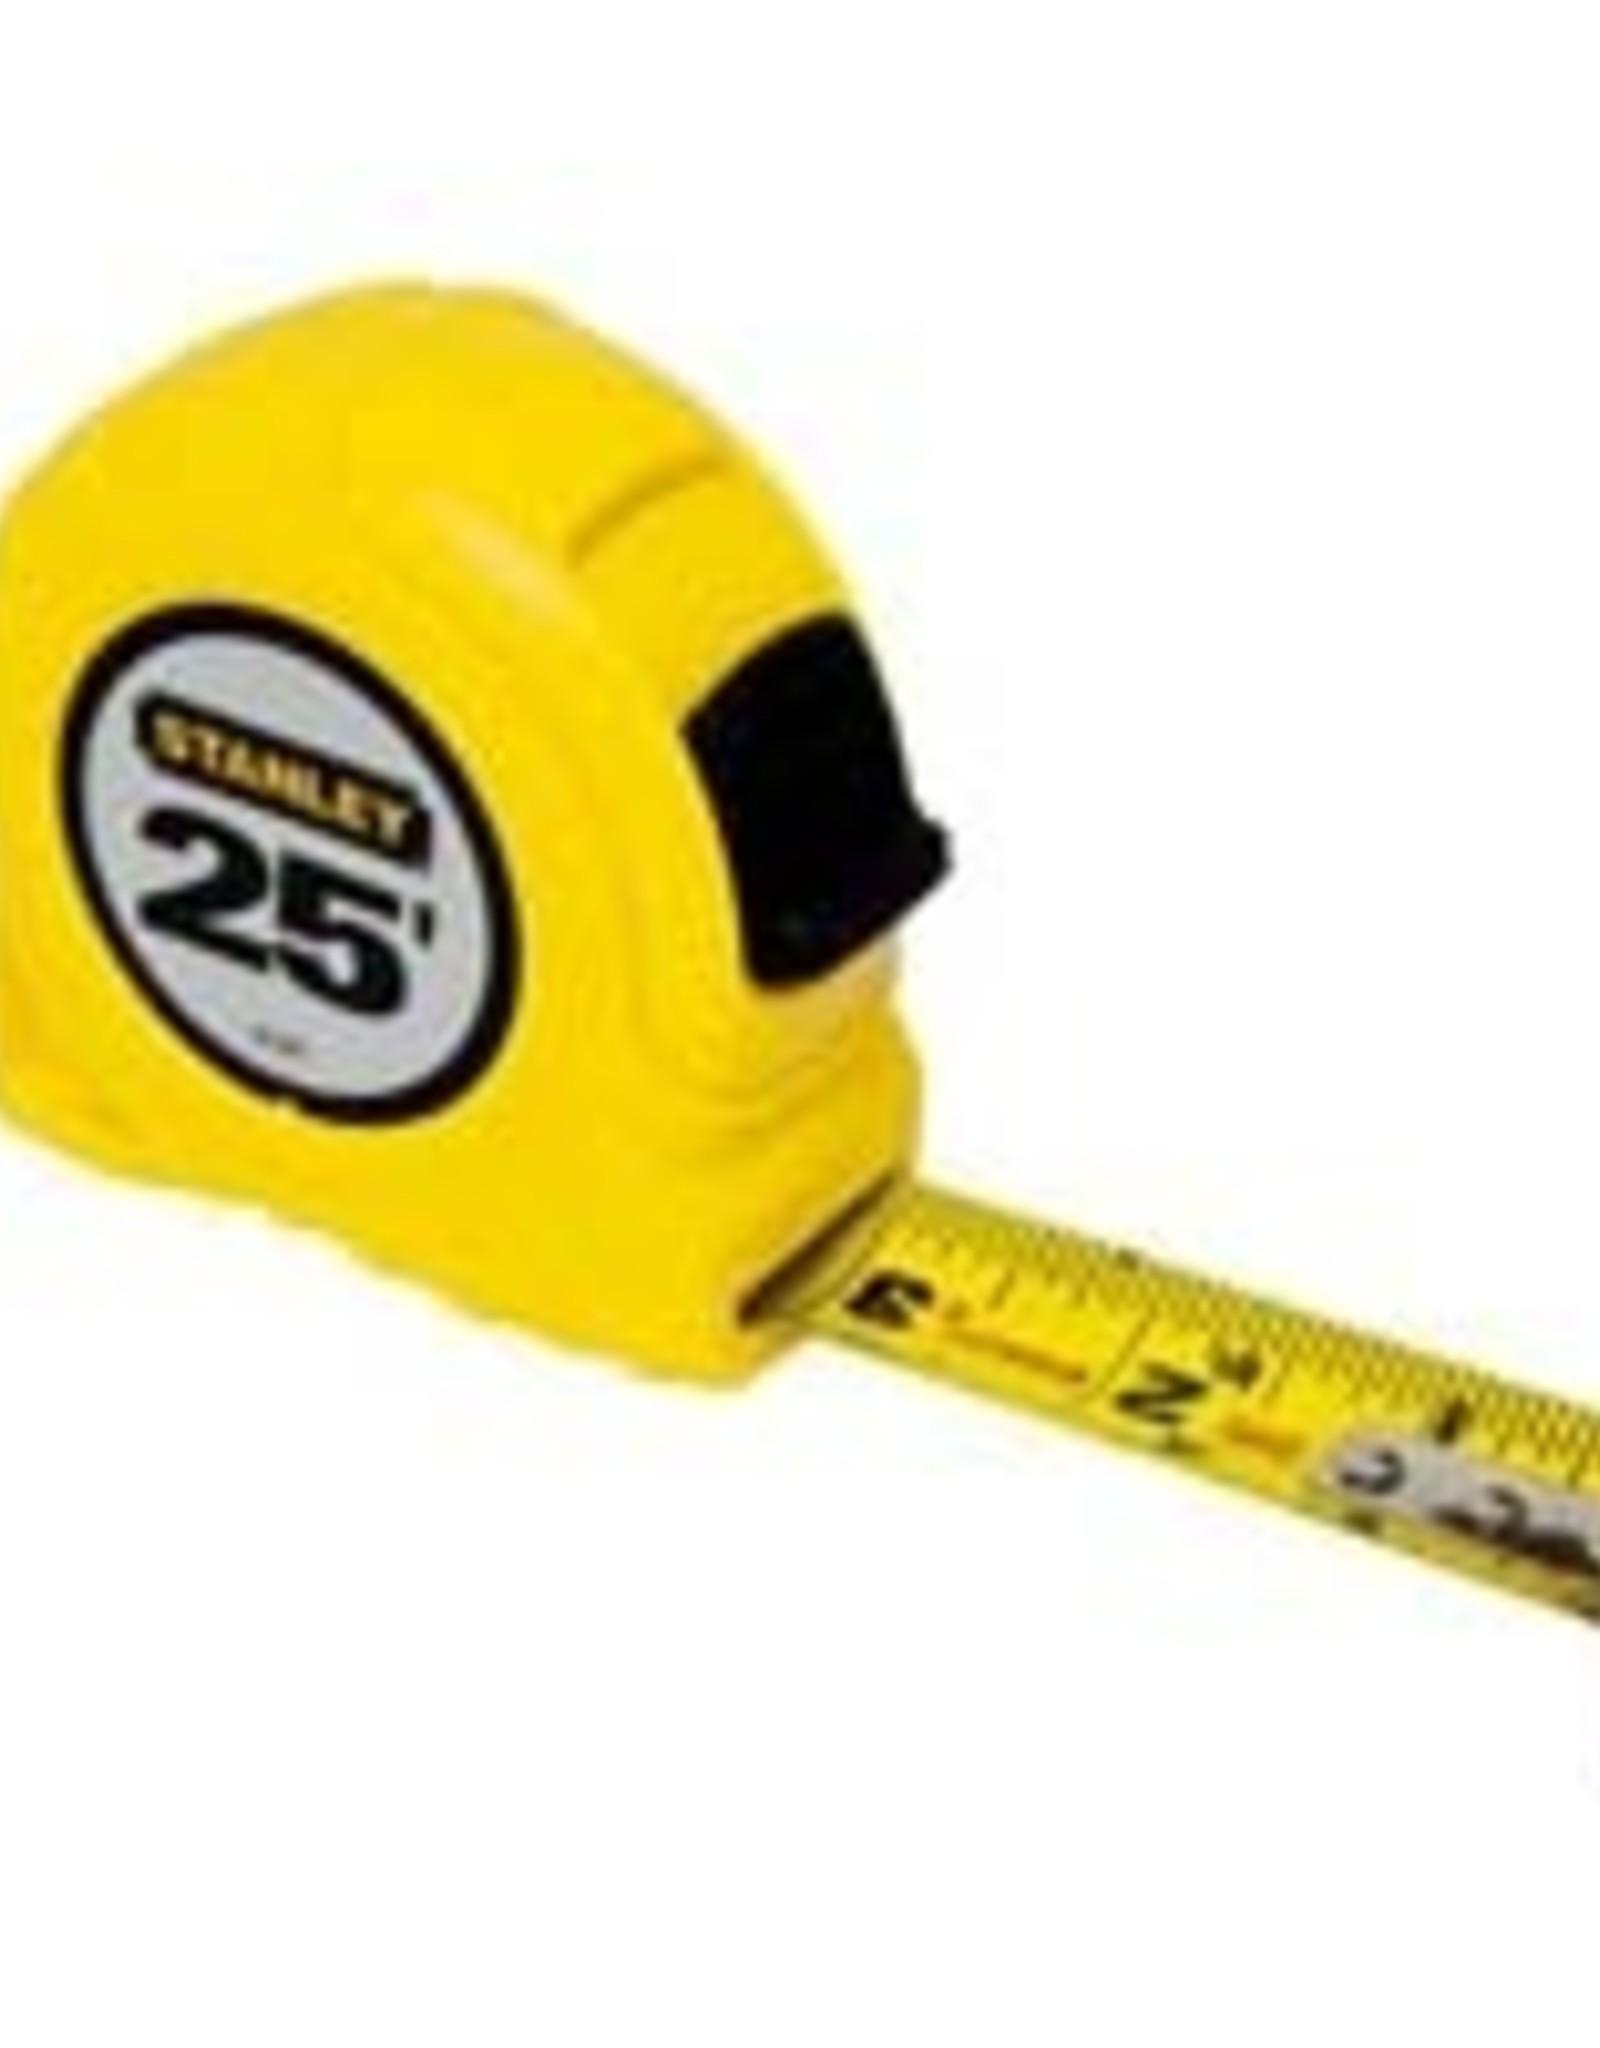 Stanley Tools Stanley - Tape Rule 25'